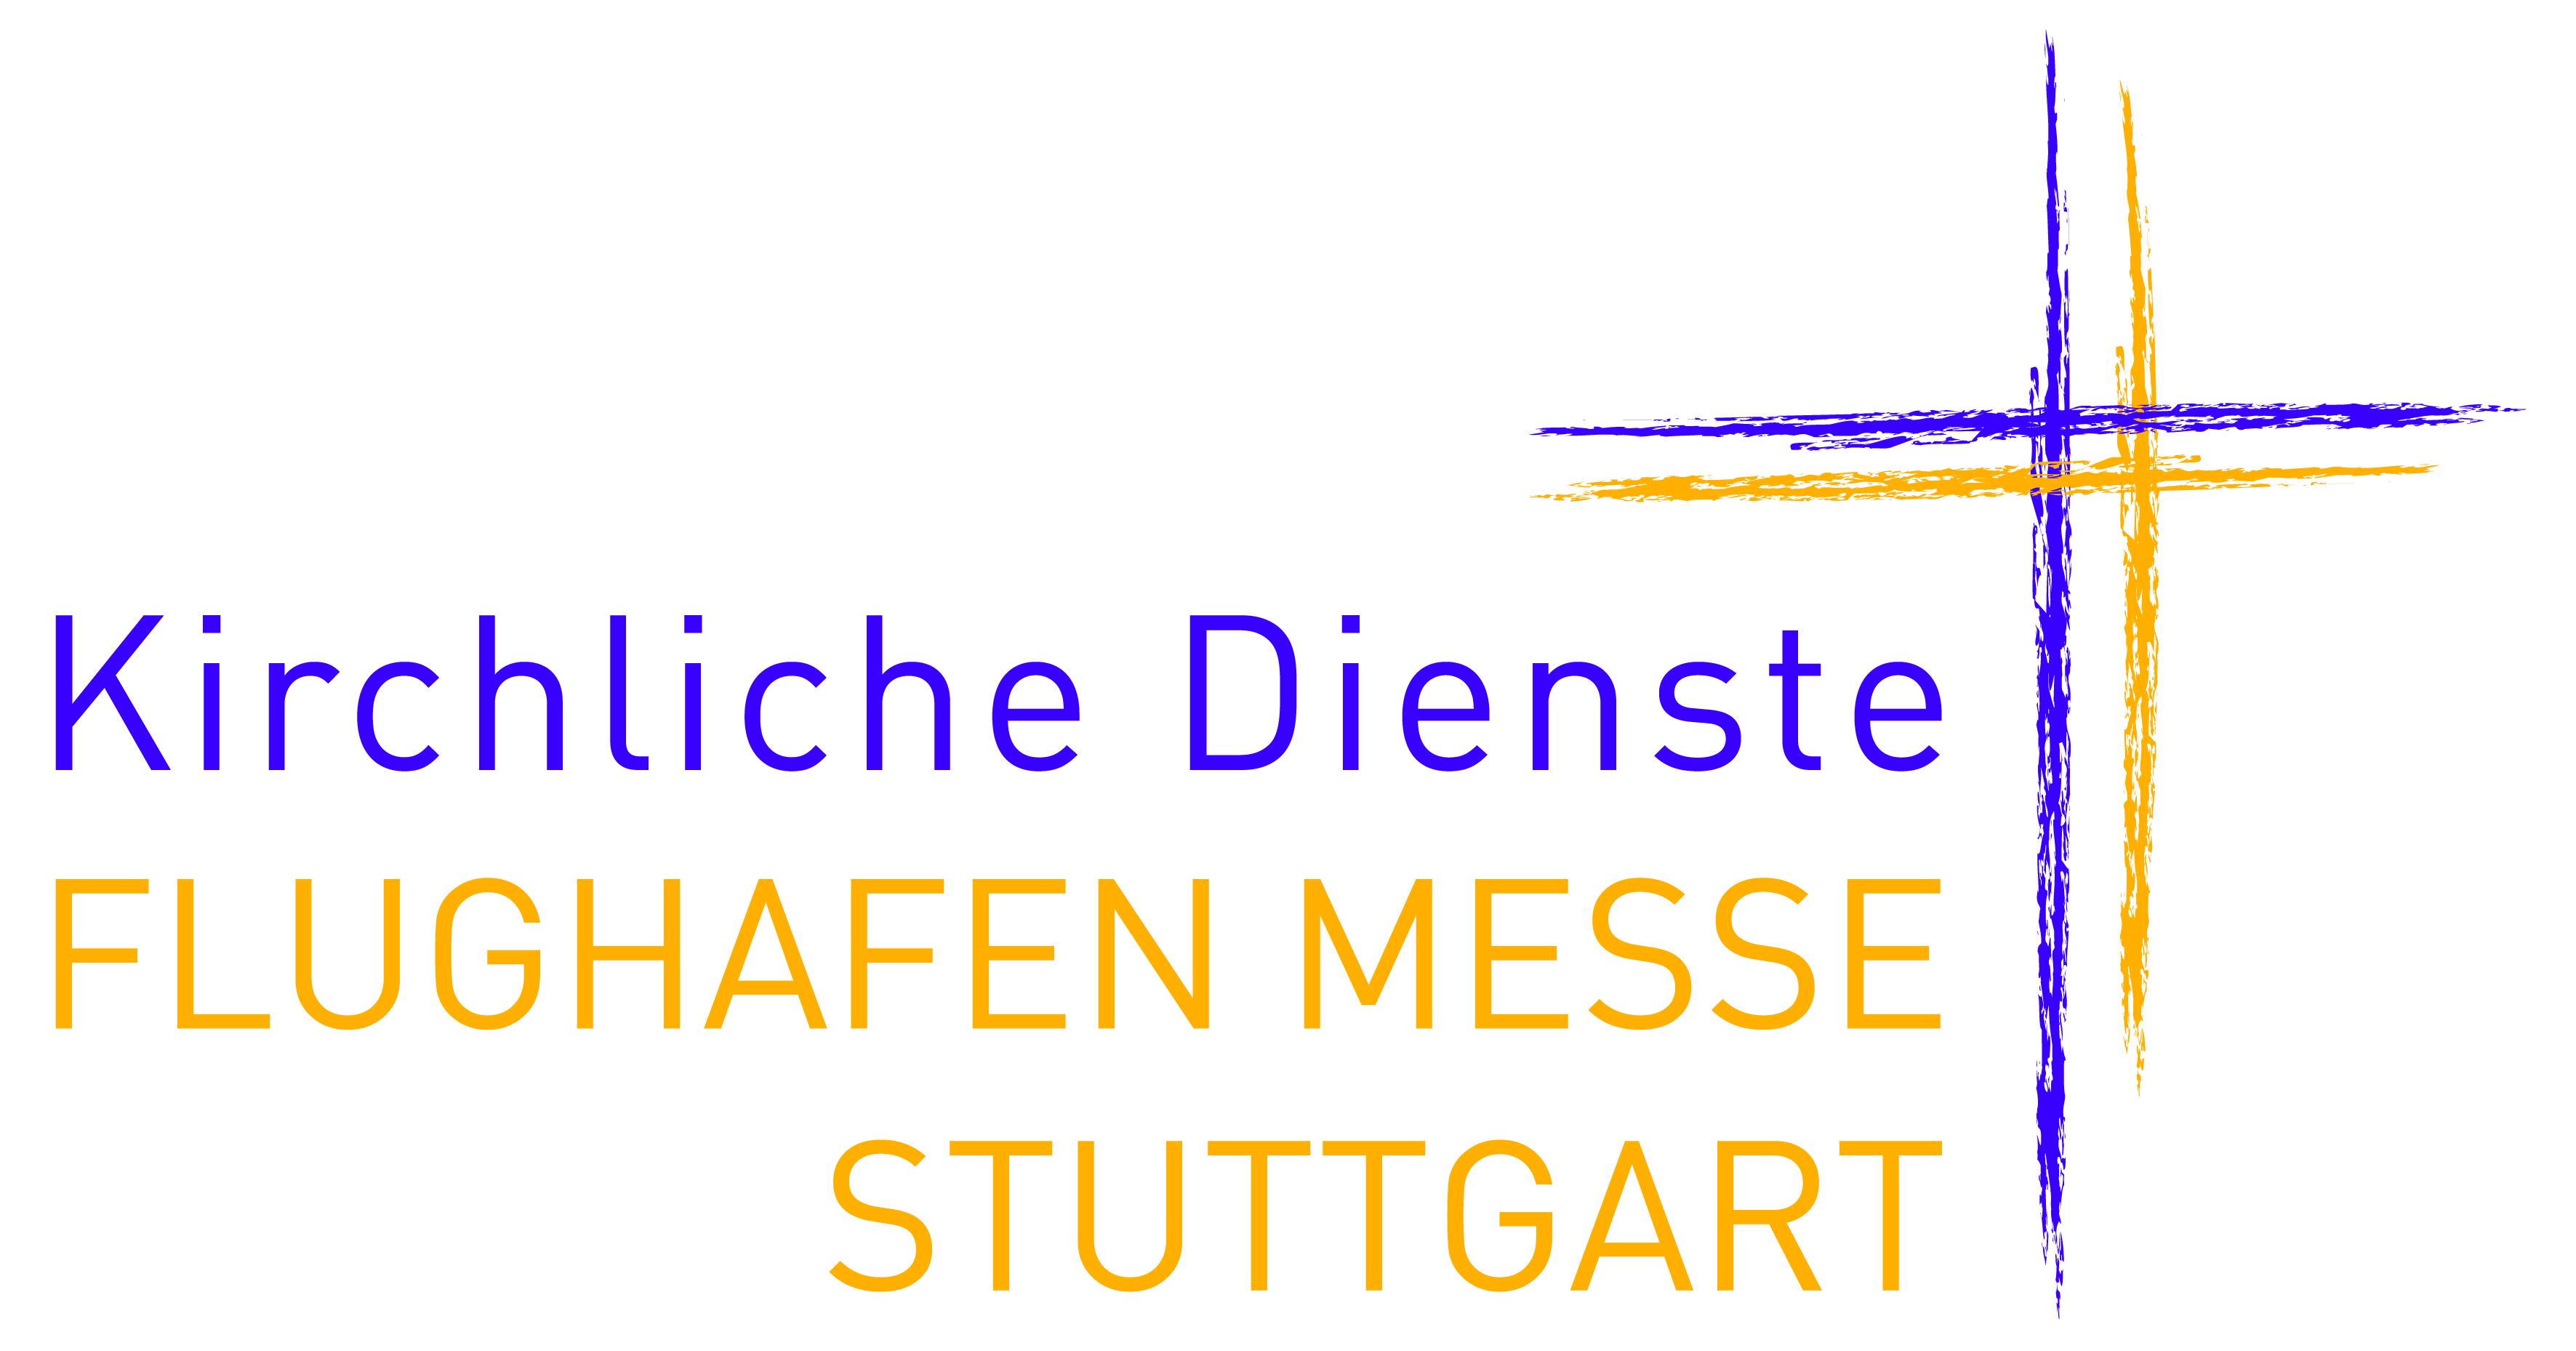 Logo Kirchliche Dienste auf dem Flughafen und der Messe